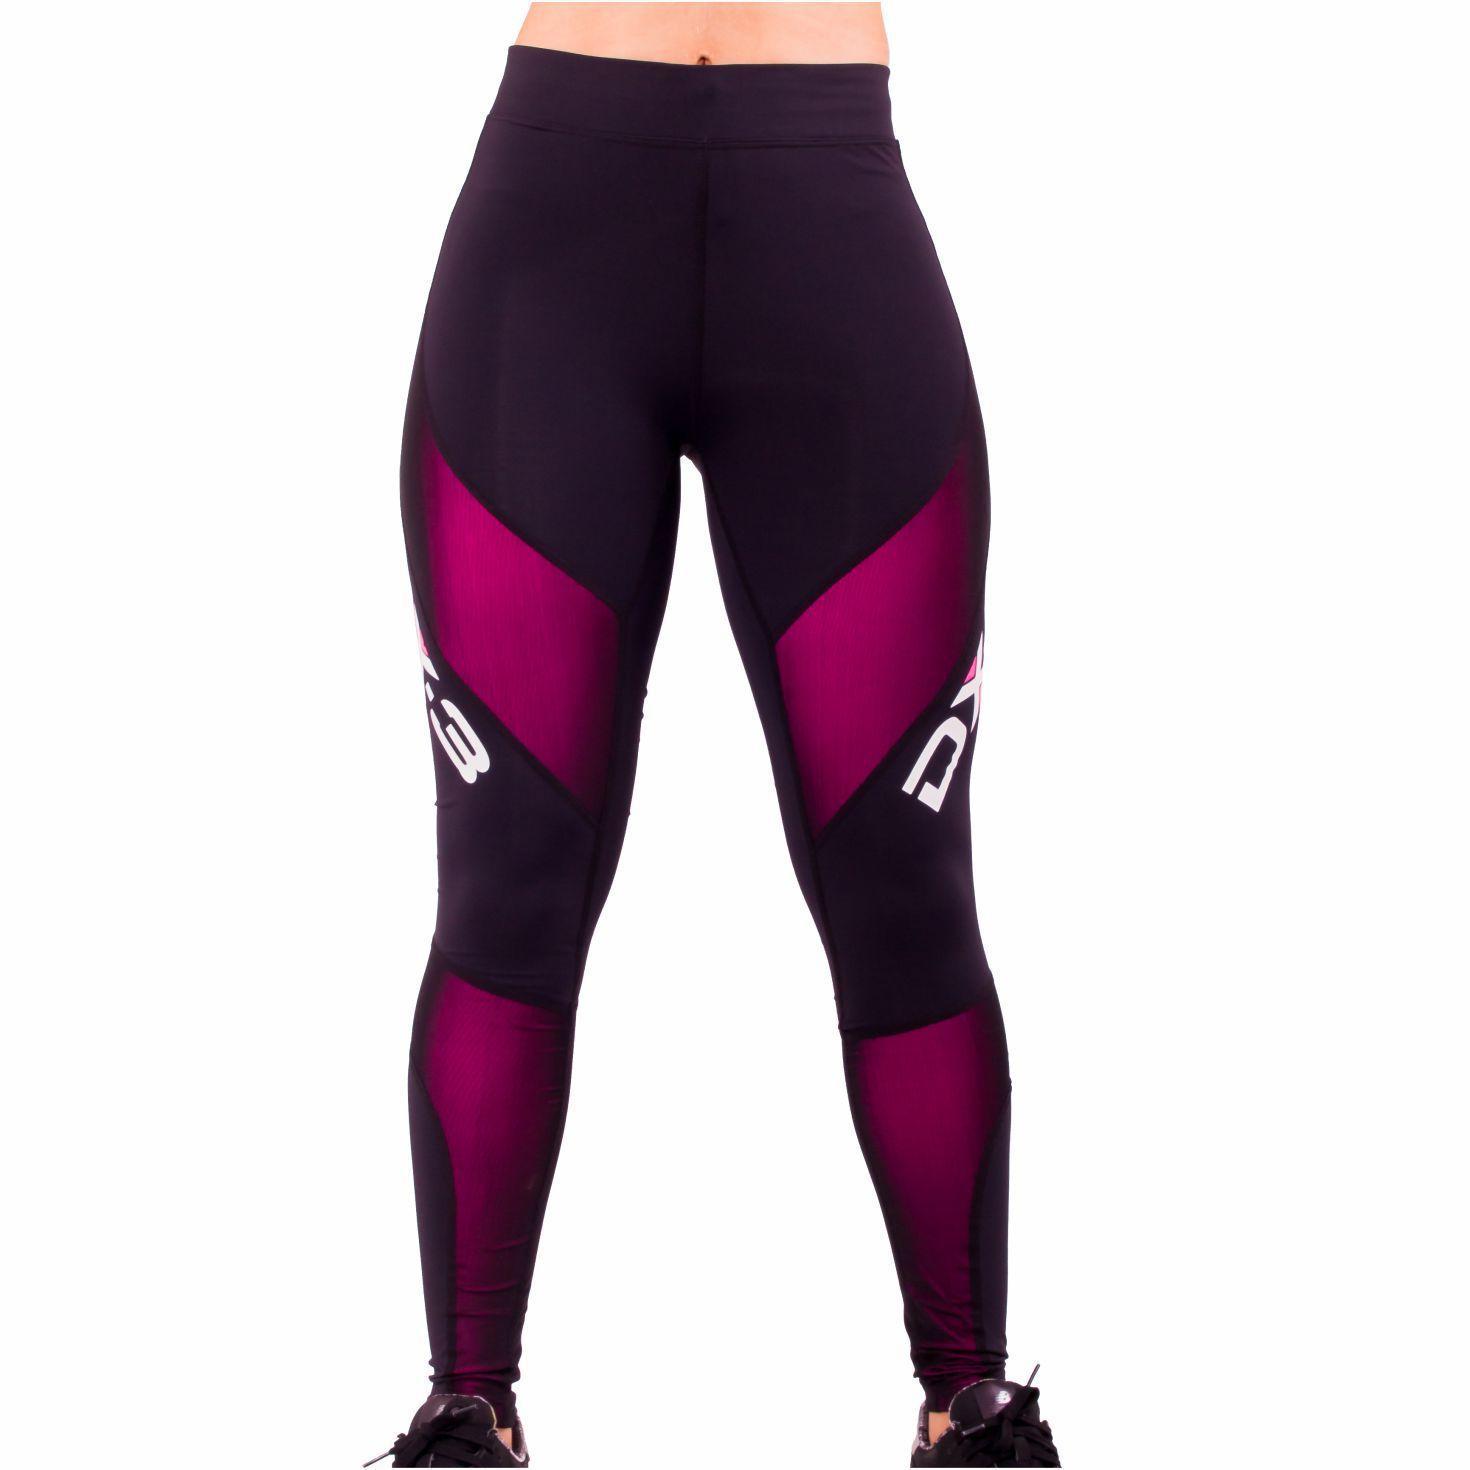 Calça DX3 X-Pro de Compressão Feminina Para Corrida Fitness Trekking